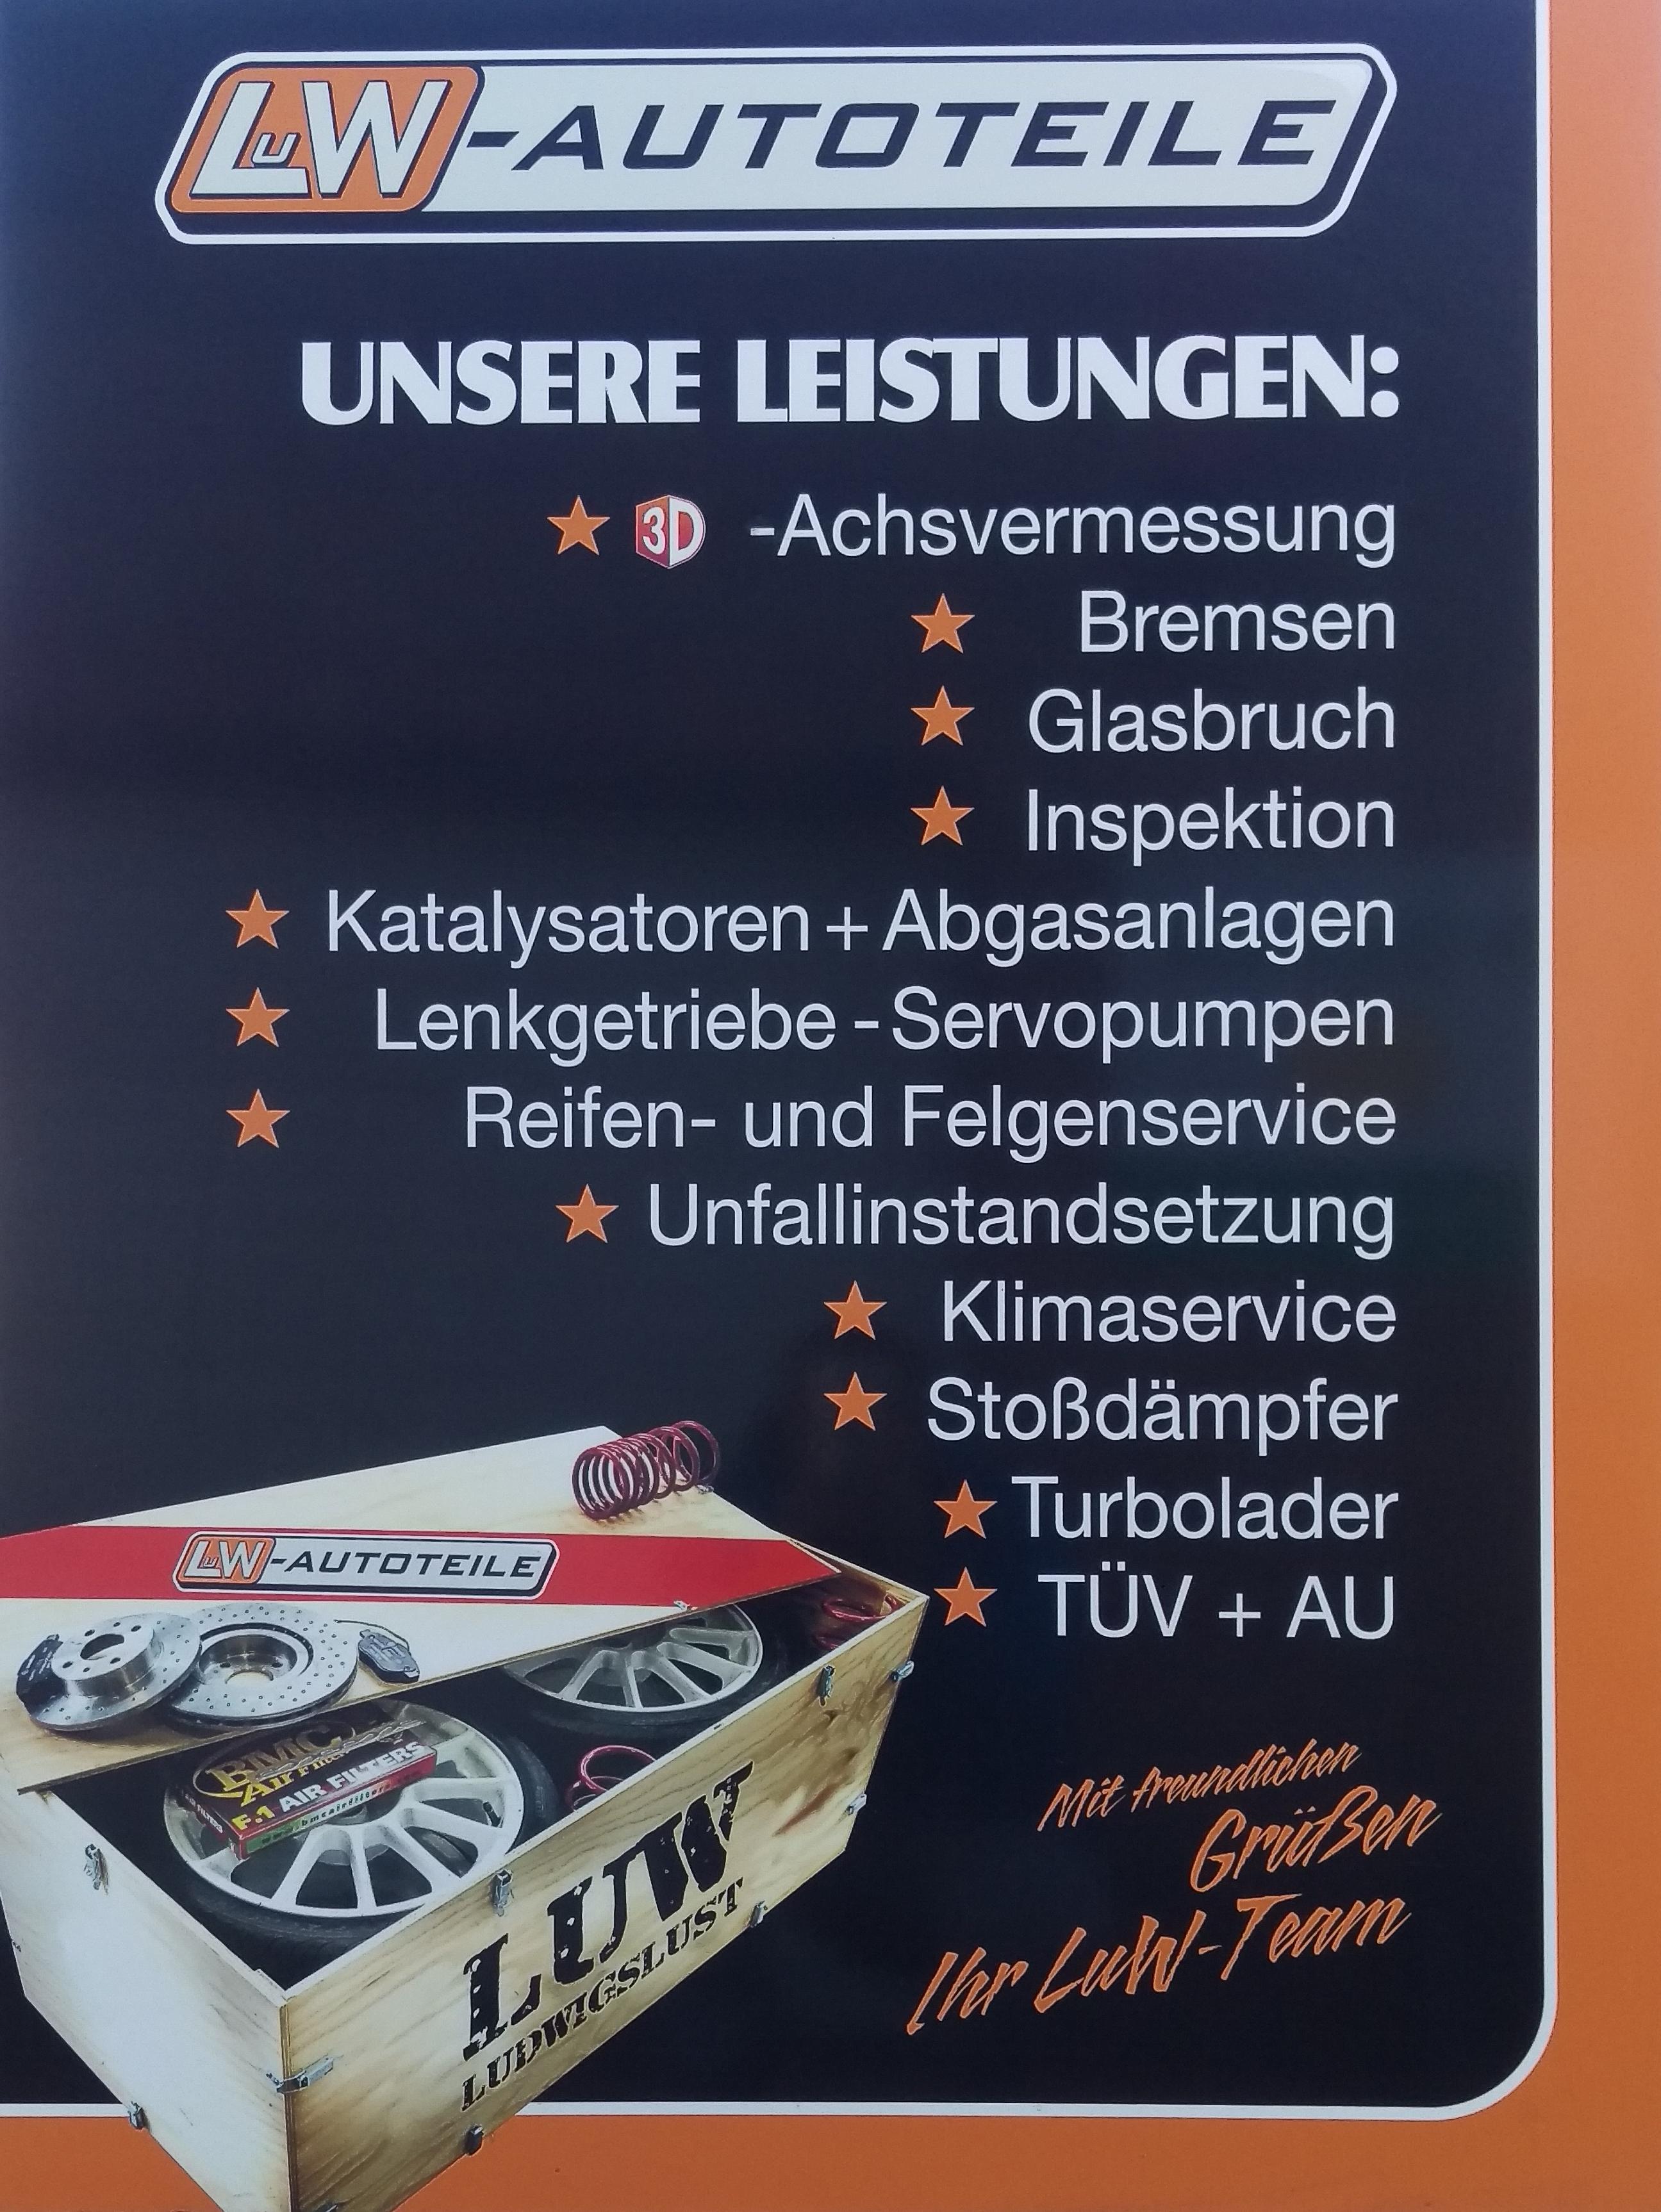 Service-Banner-LUW-KFZ-Werkstatt-Ludwigslust